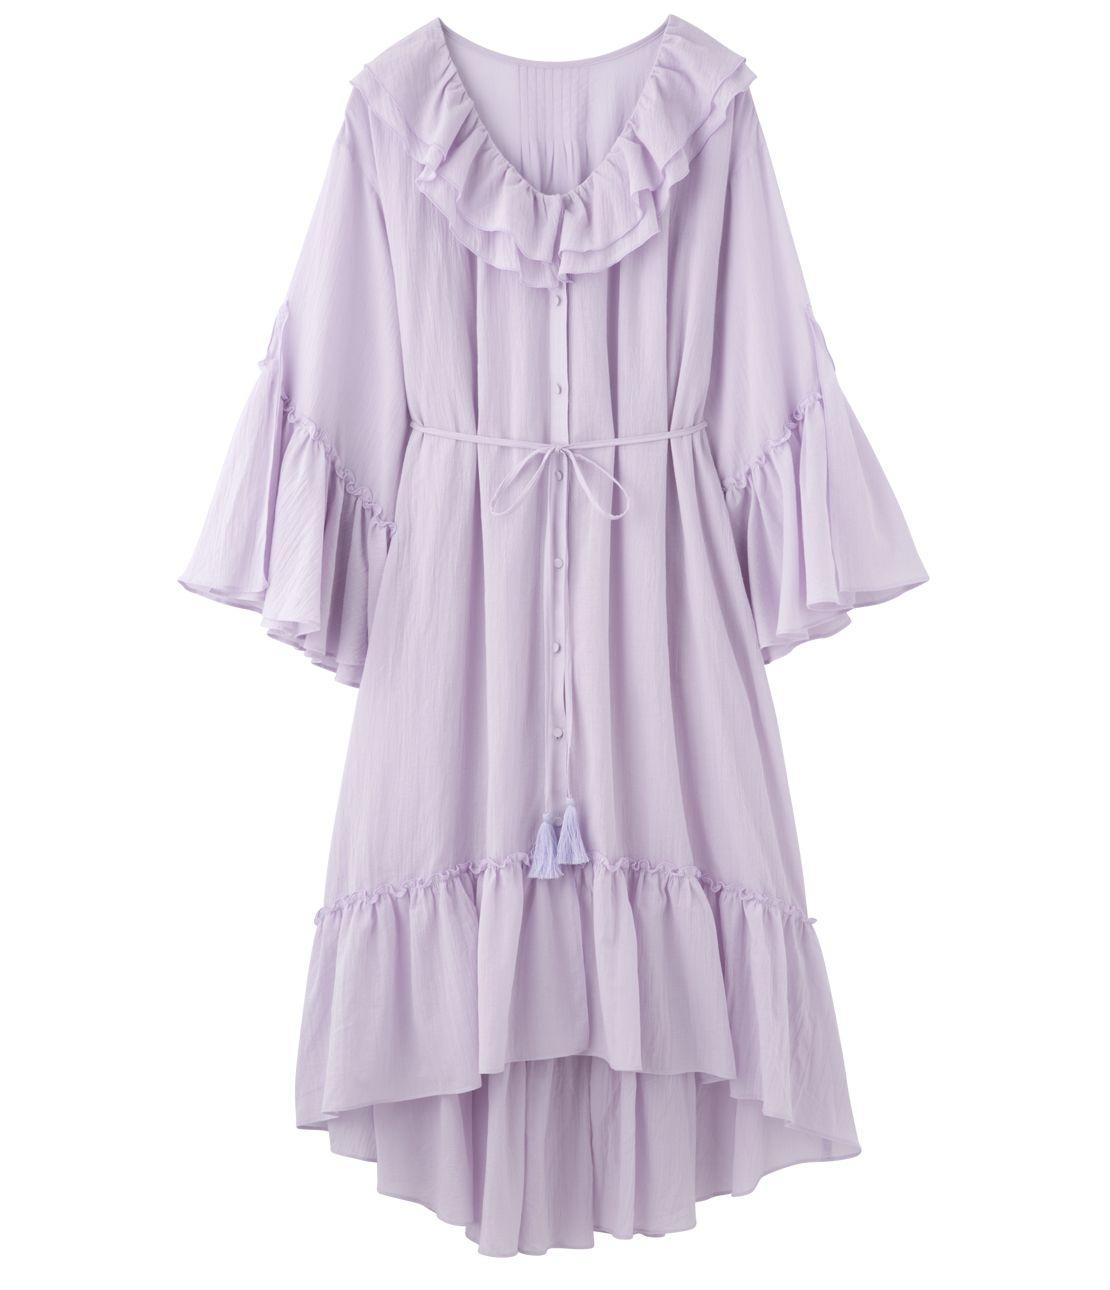 2WAY ruffle dress